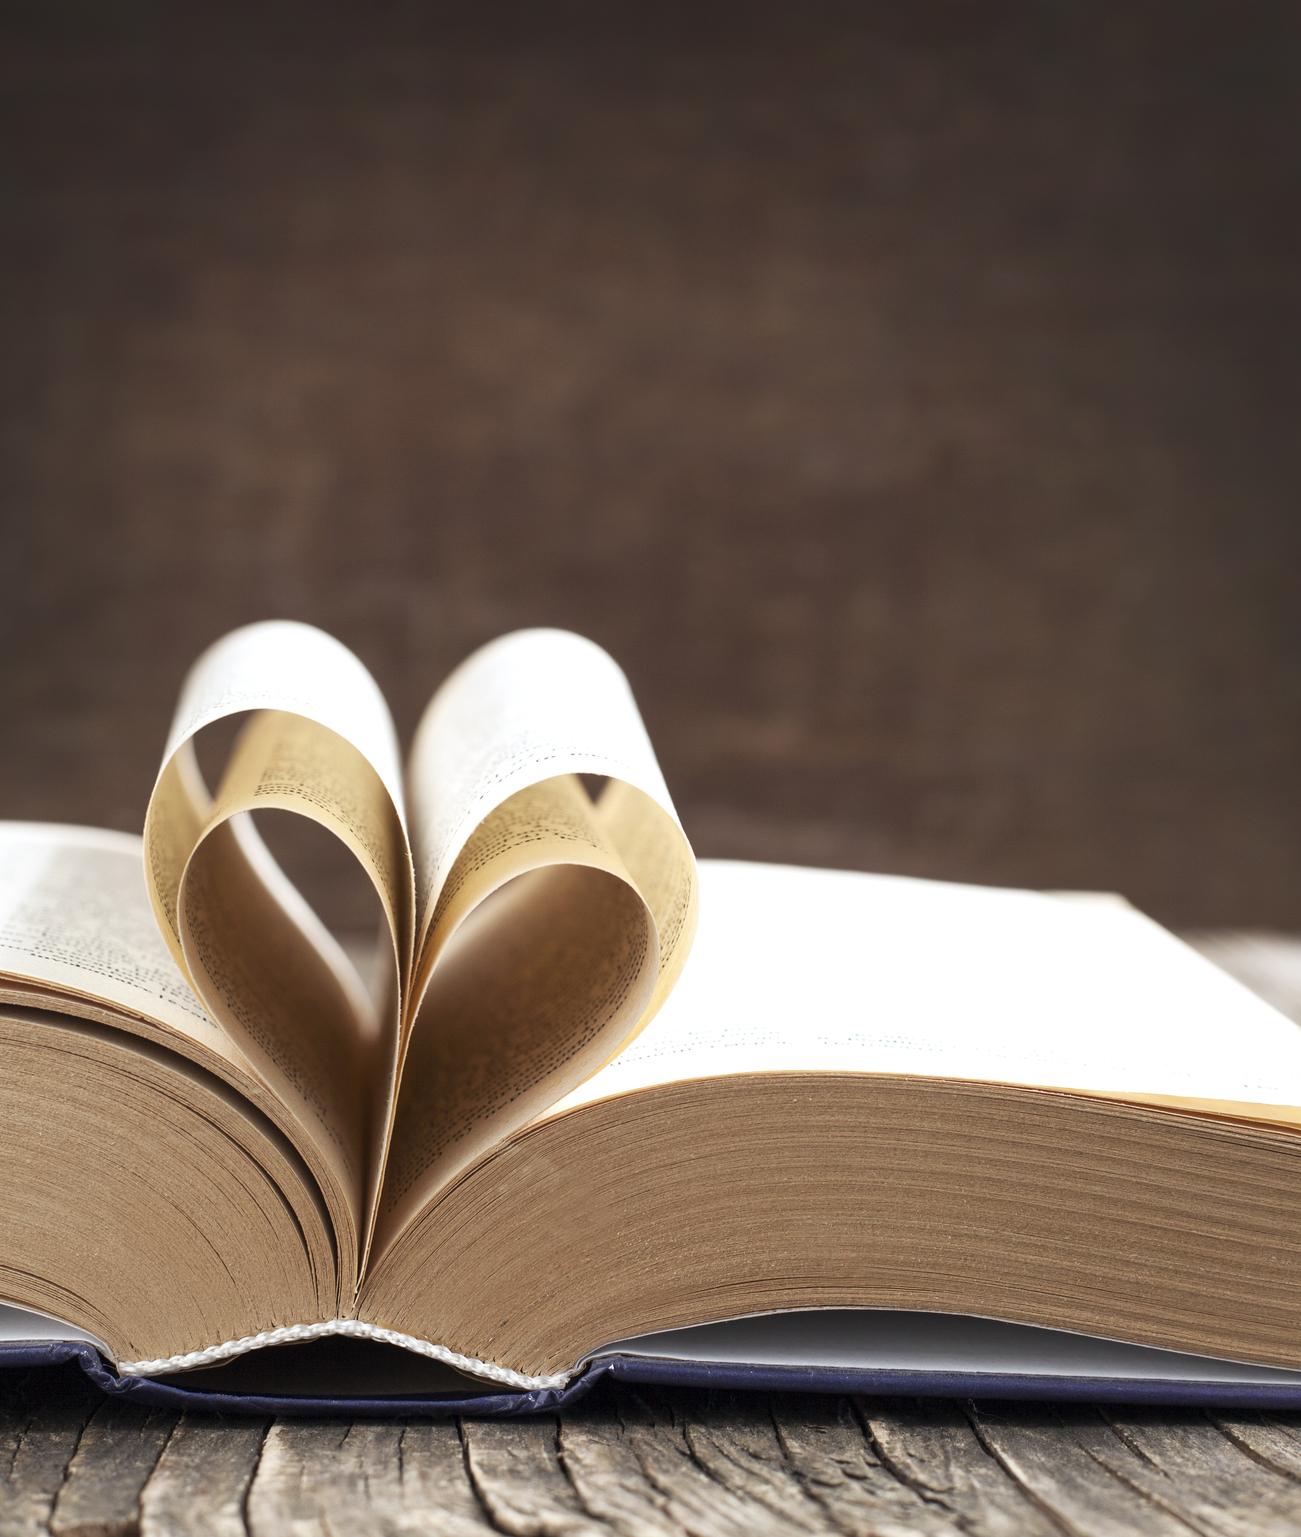 My love of romance books.